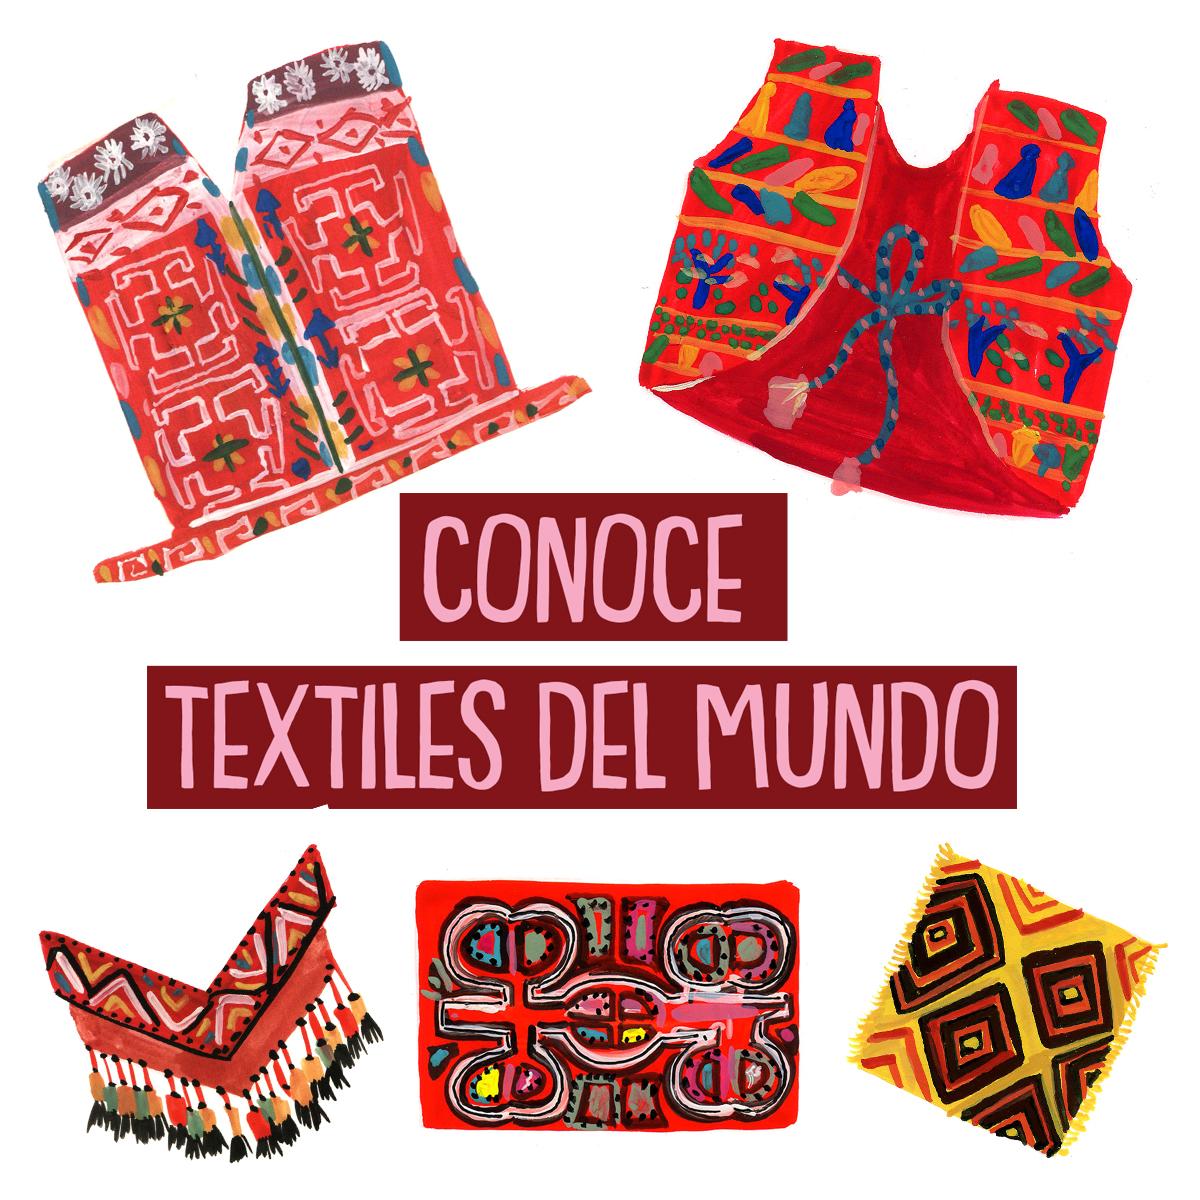 [Conoce] Textiles del Mundo